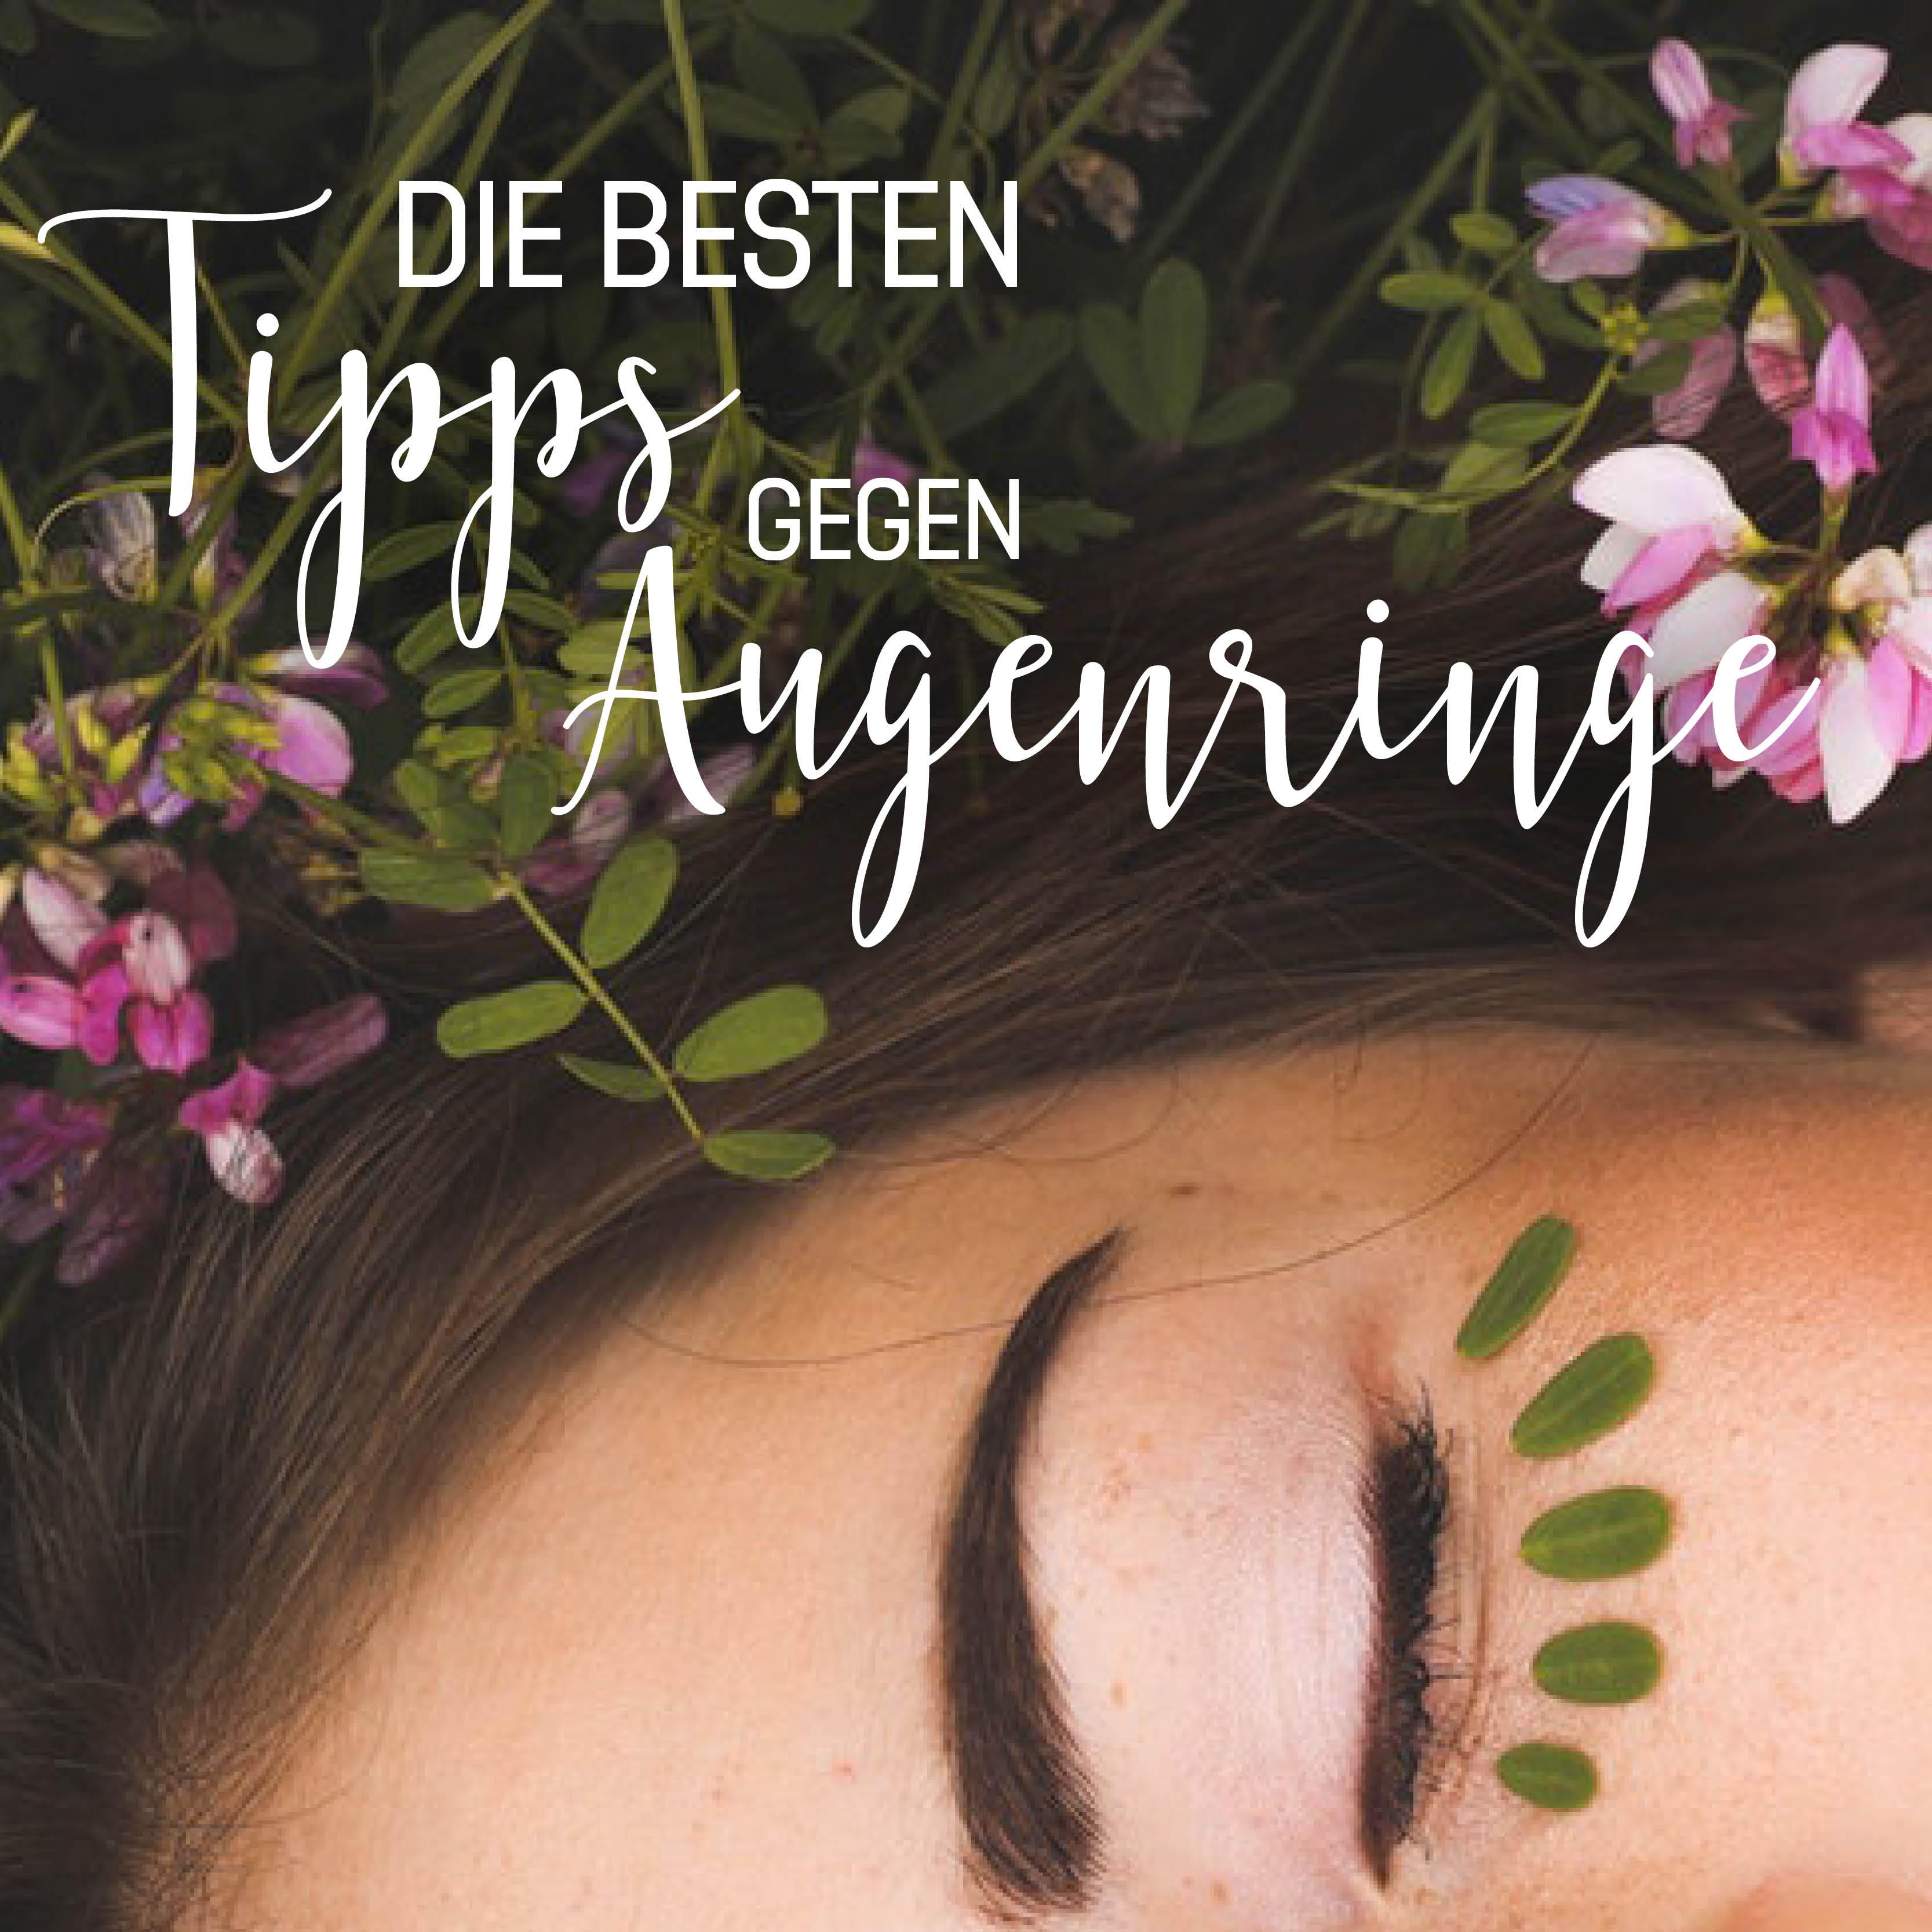 Unsere Tipps gegen fiese Augenringe